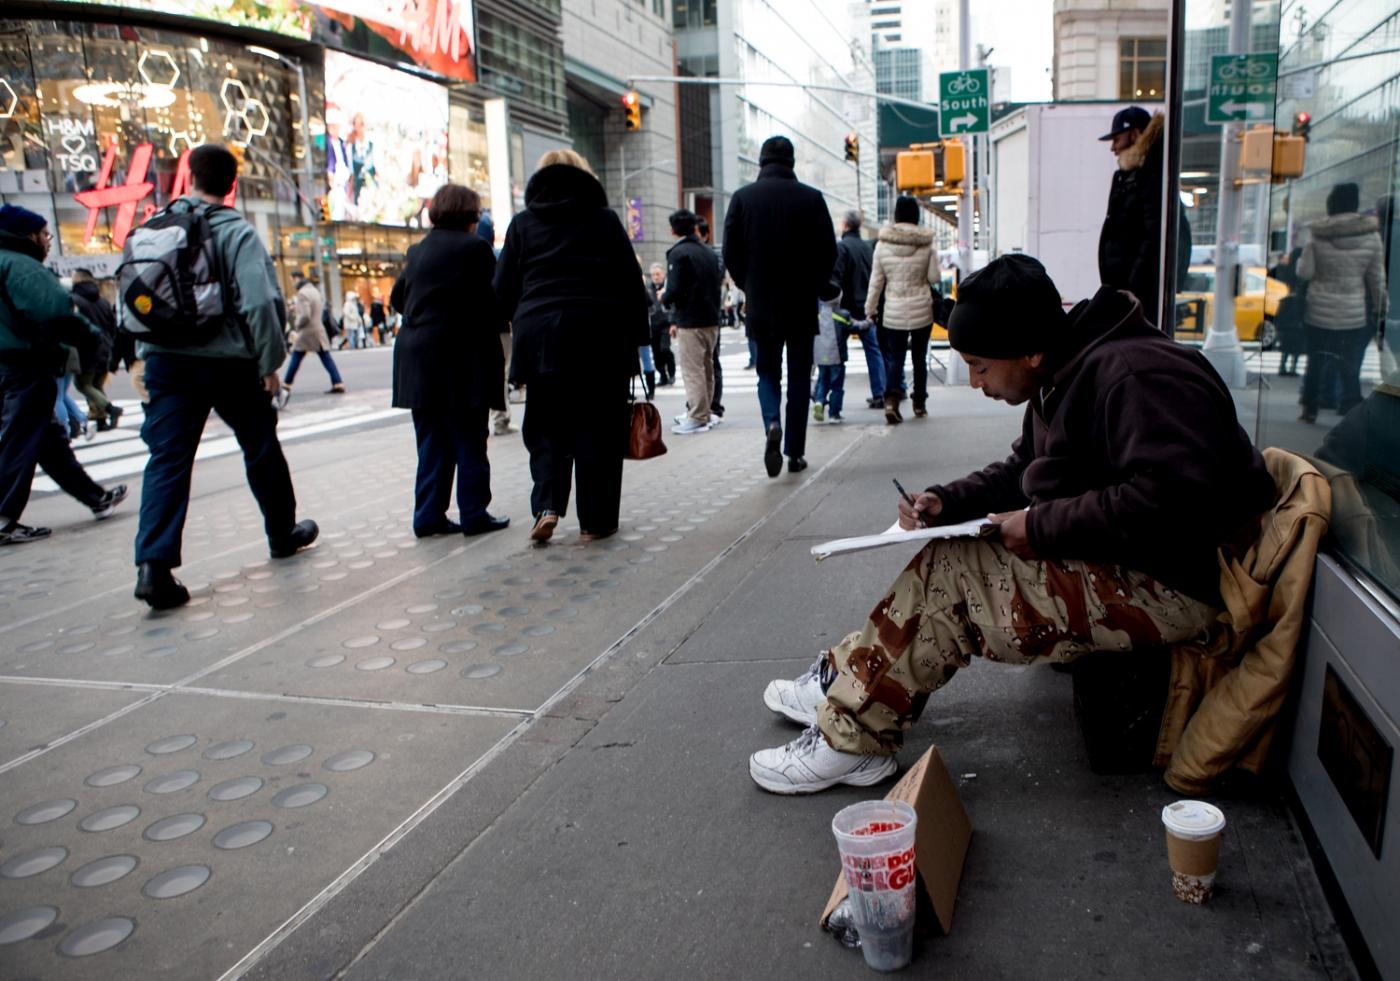 紐約時代廣場旁一位流浪畫家161213_图1-9